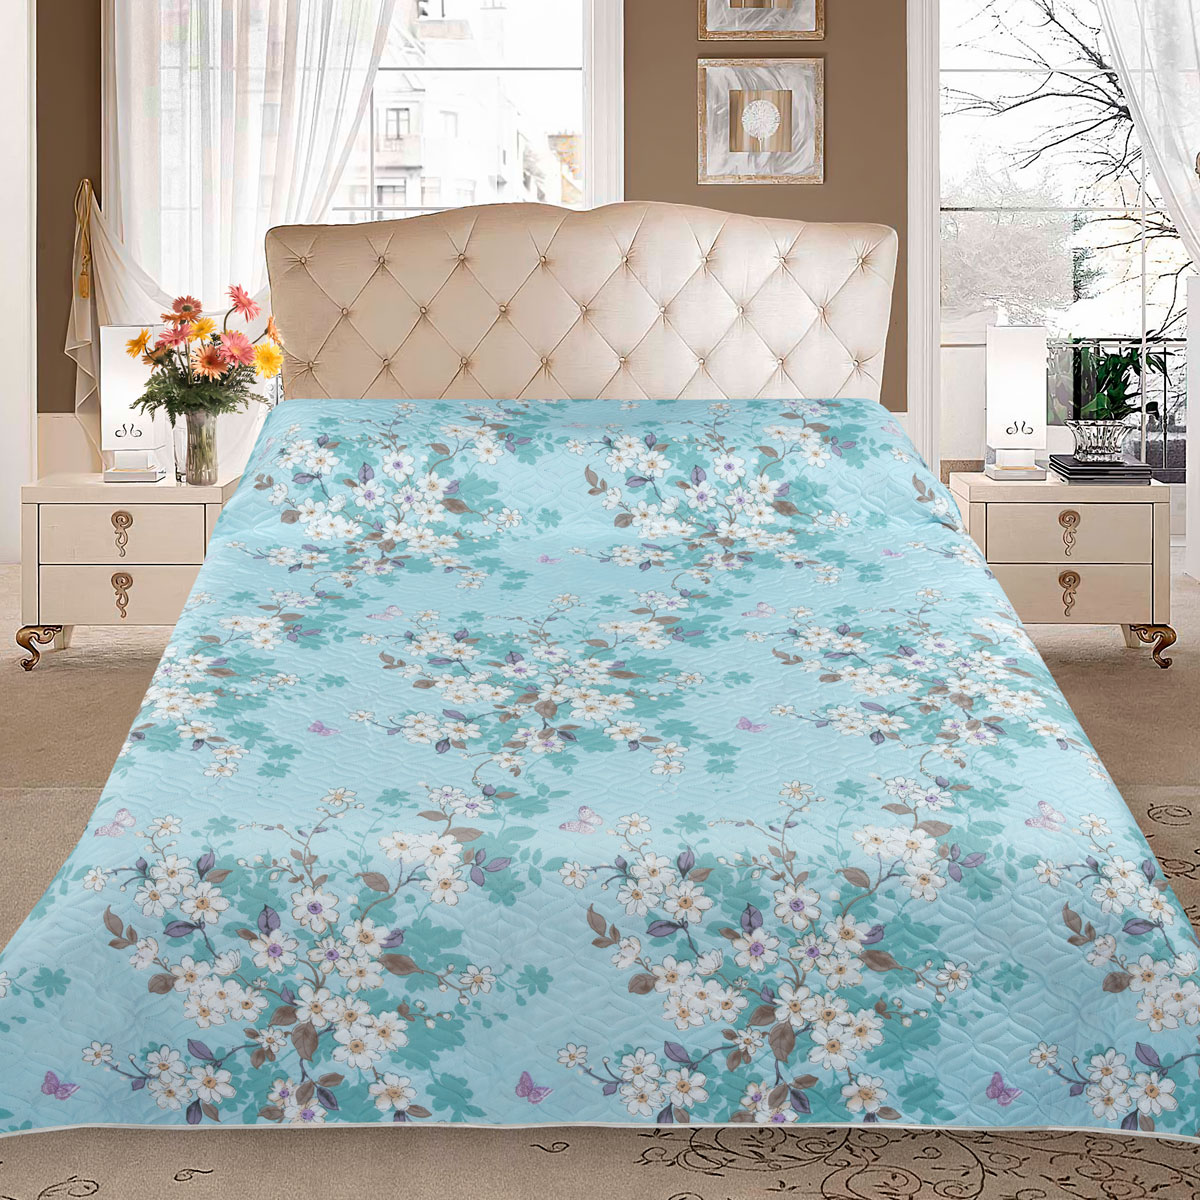 Покрывало Letto, цвет: голубой, 210 x 240 см. pp29